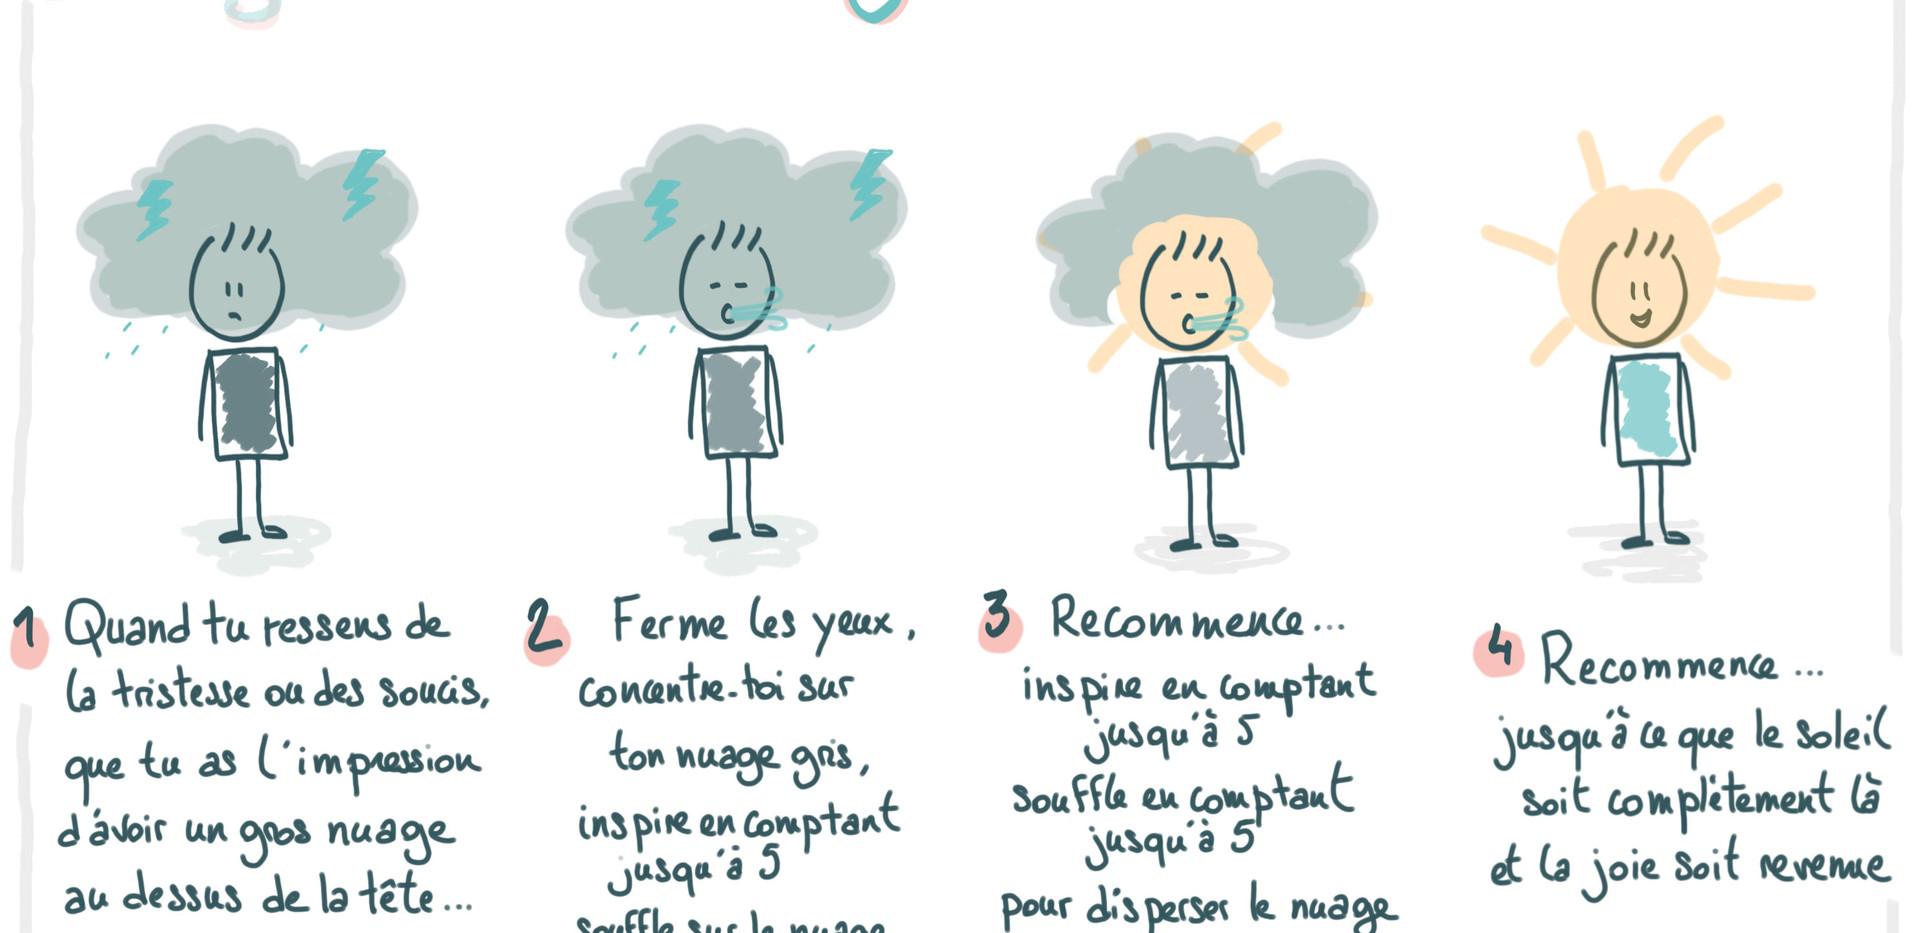 Chasse les nuages - Méditation pour les enfants